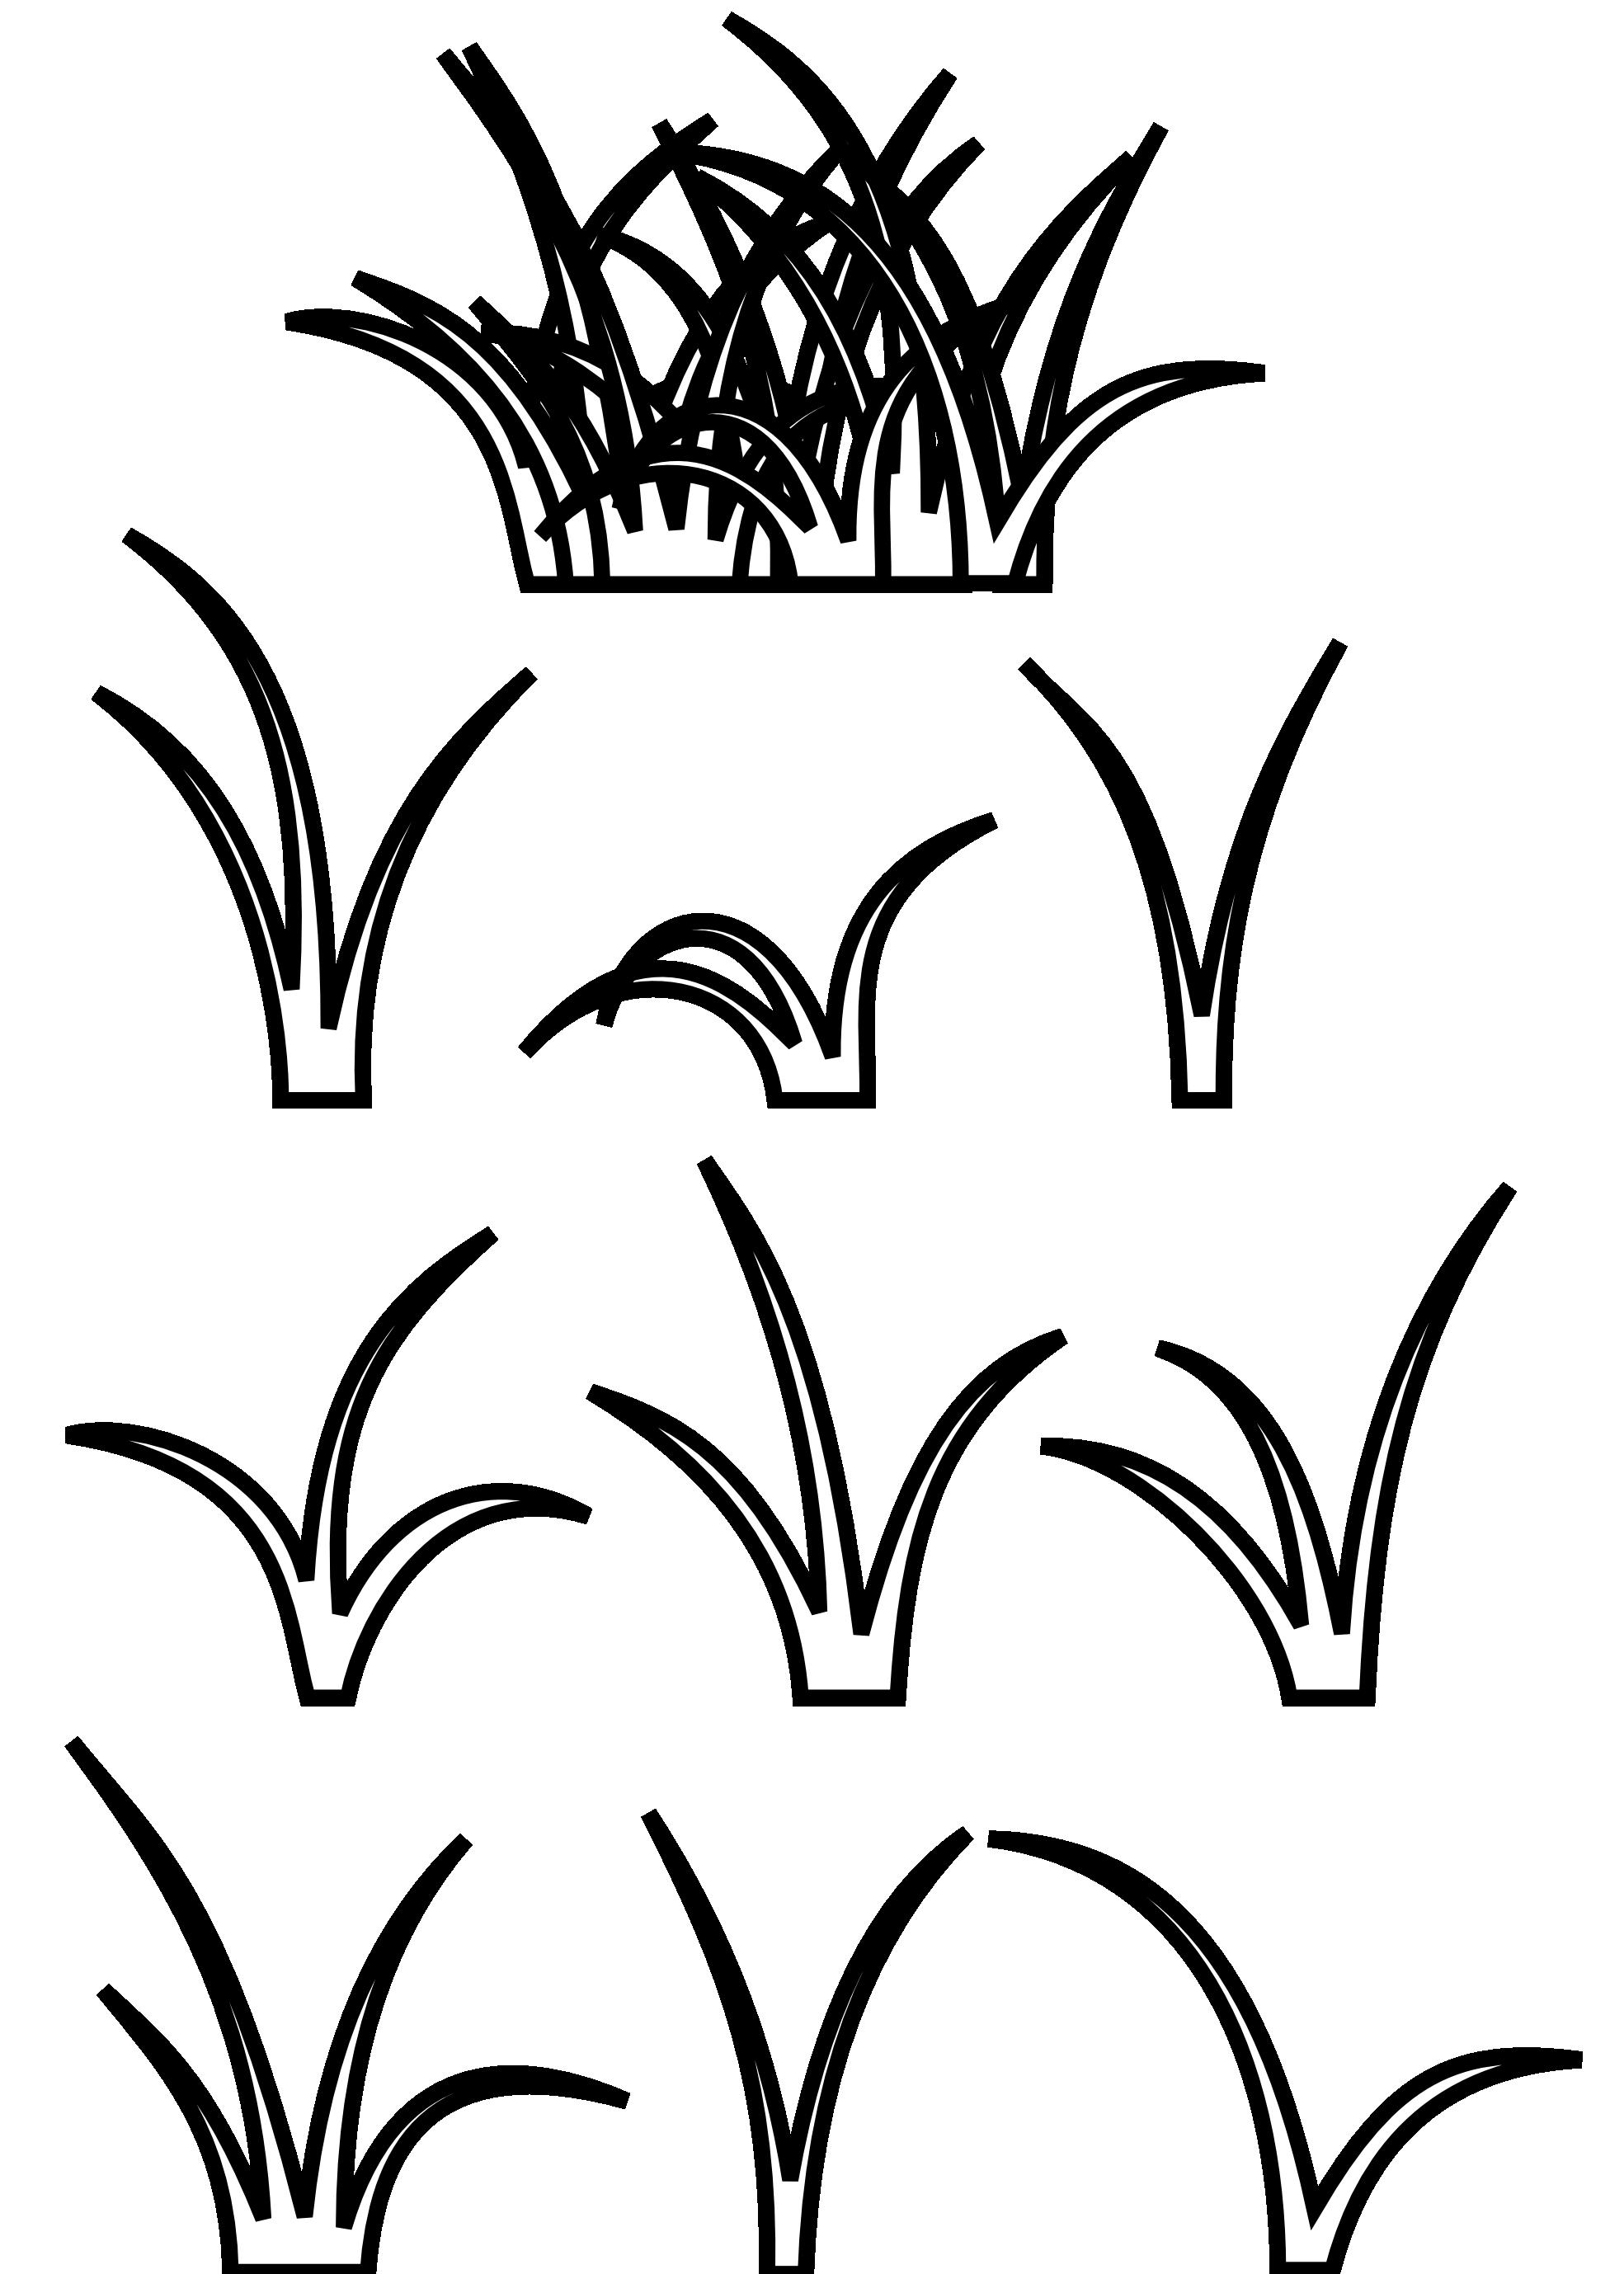 Sea Grass clipart black and white #3